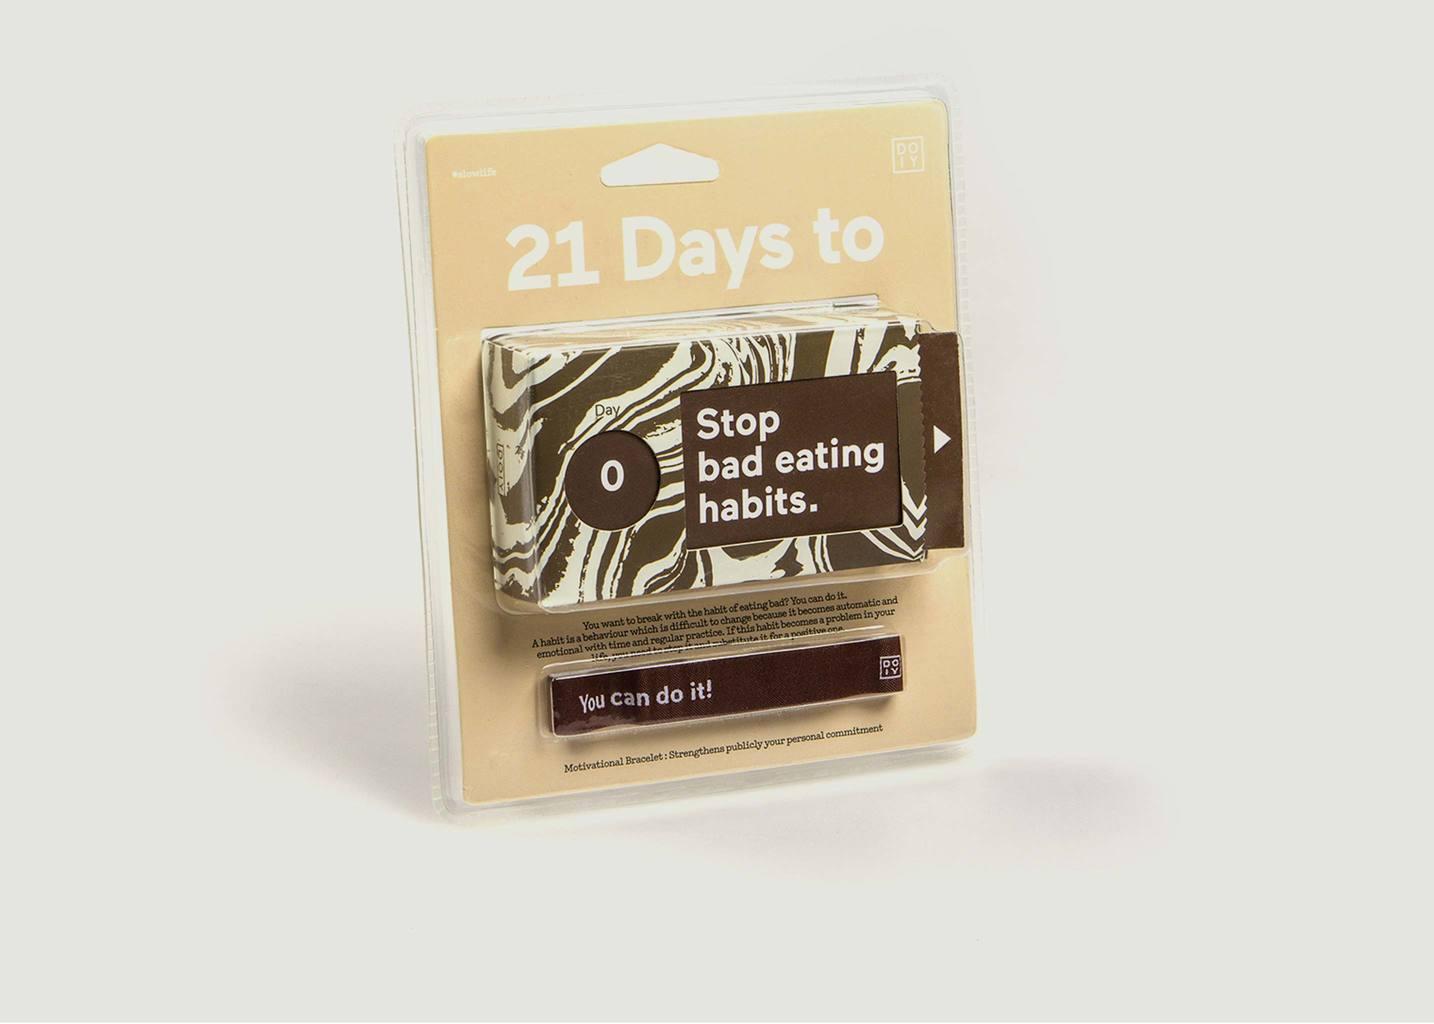 21 Jours Pour Arrêter Les Mauvaises Habitudes Alimentaires - Doiy